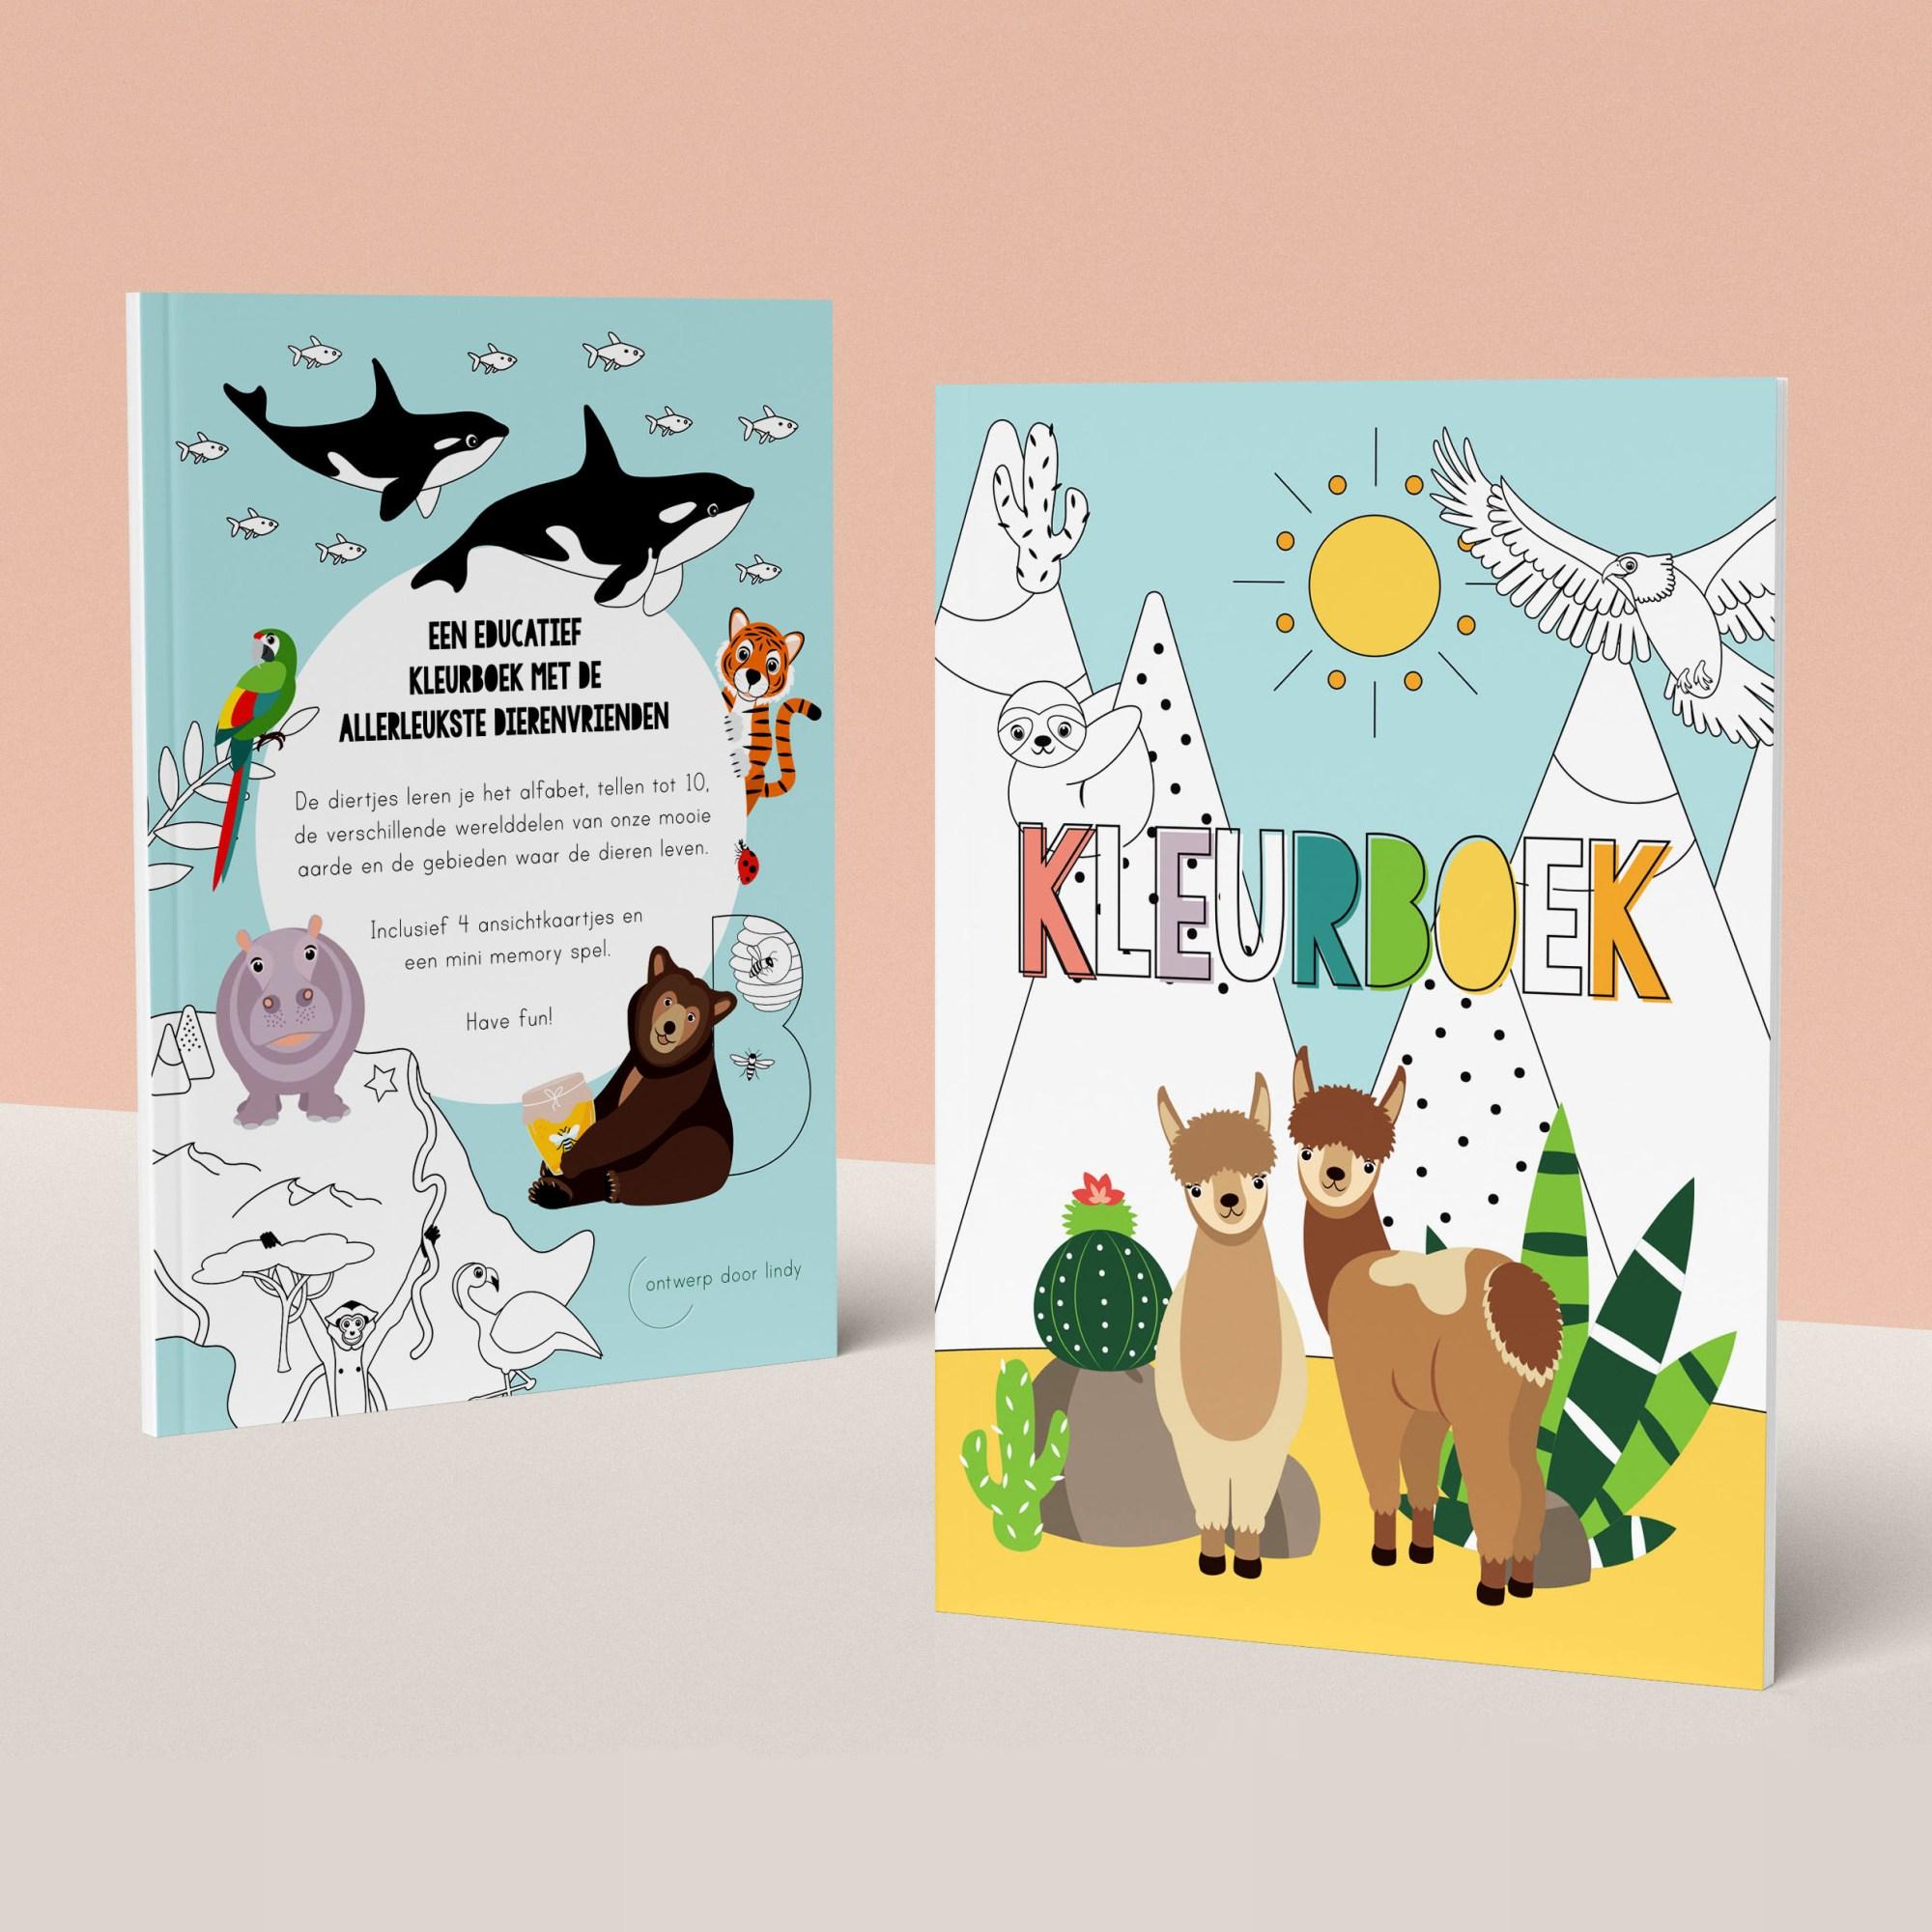 Educatief kleurboek alfabet, dieren, tellen, werelddelen